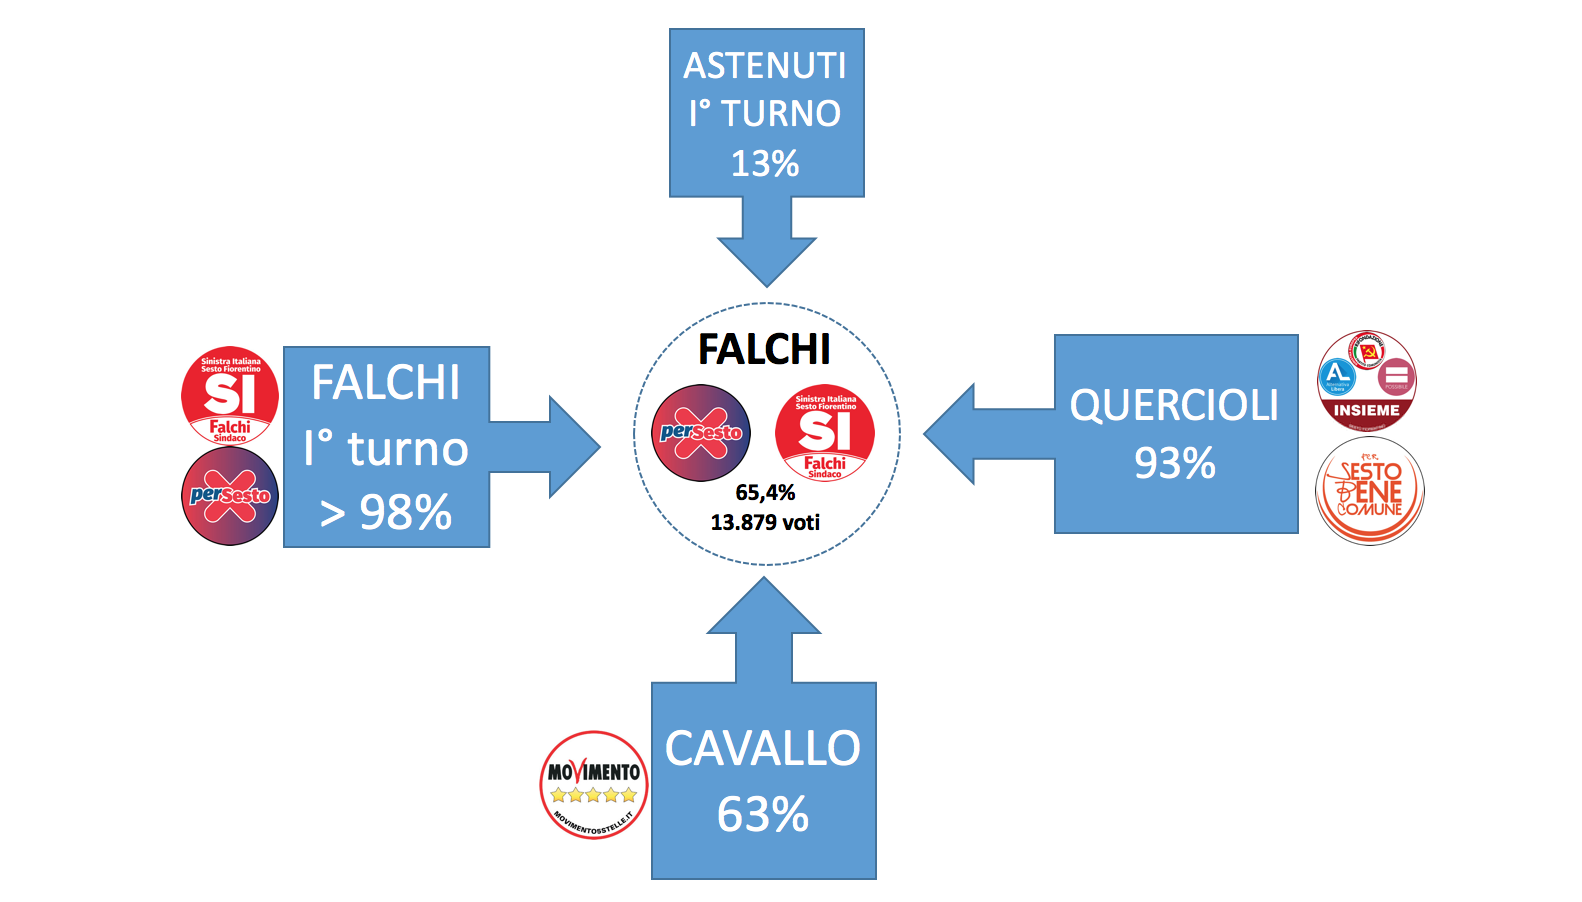 FALCHI FLUSSI BALLOTTAGGIO 2016